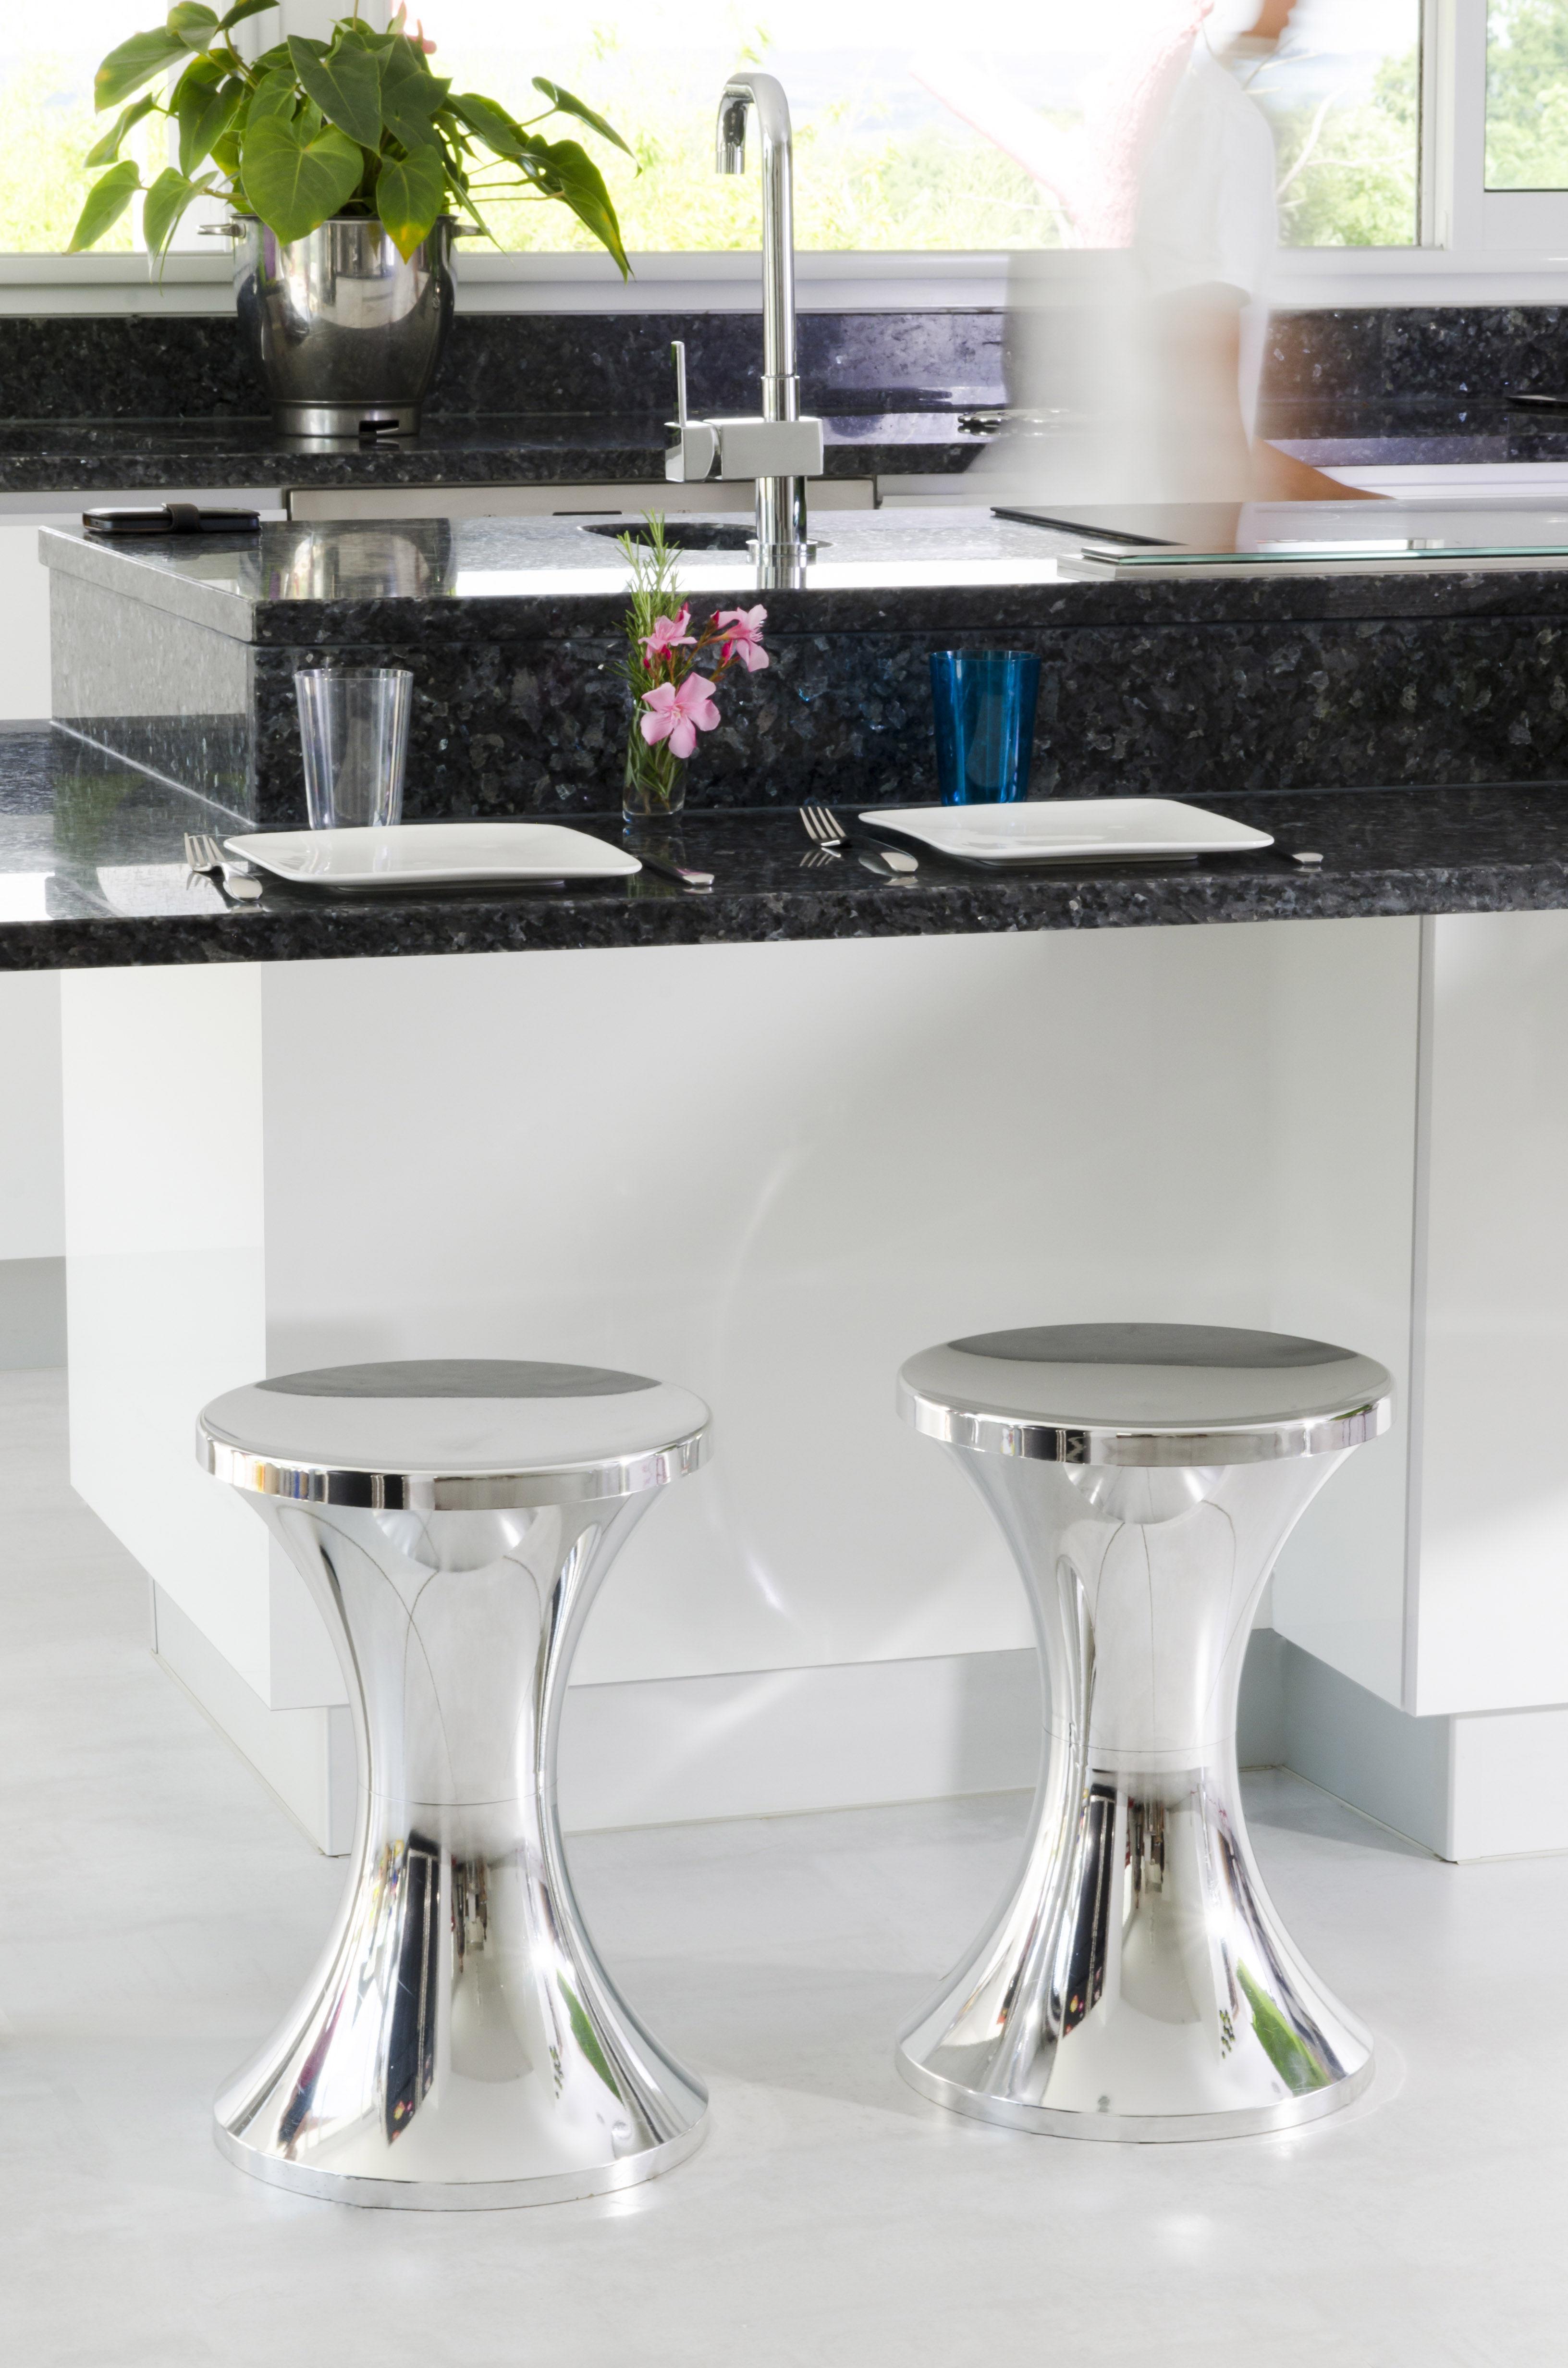 tam tam pop hocker kunststoff kupferfarben by stamp edition made in design. Black Bedroom Furniture Sets. Home Design Ideas